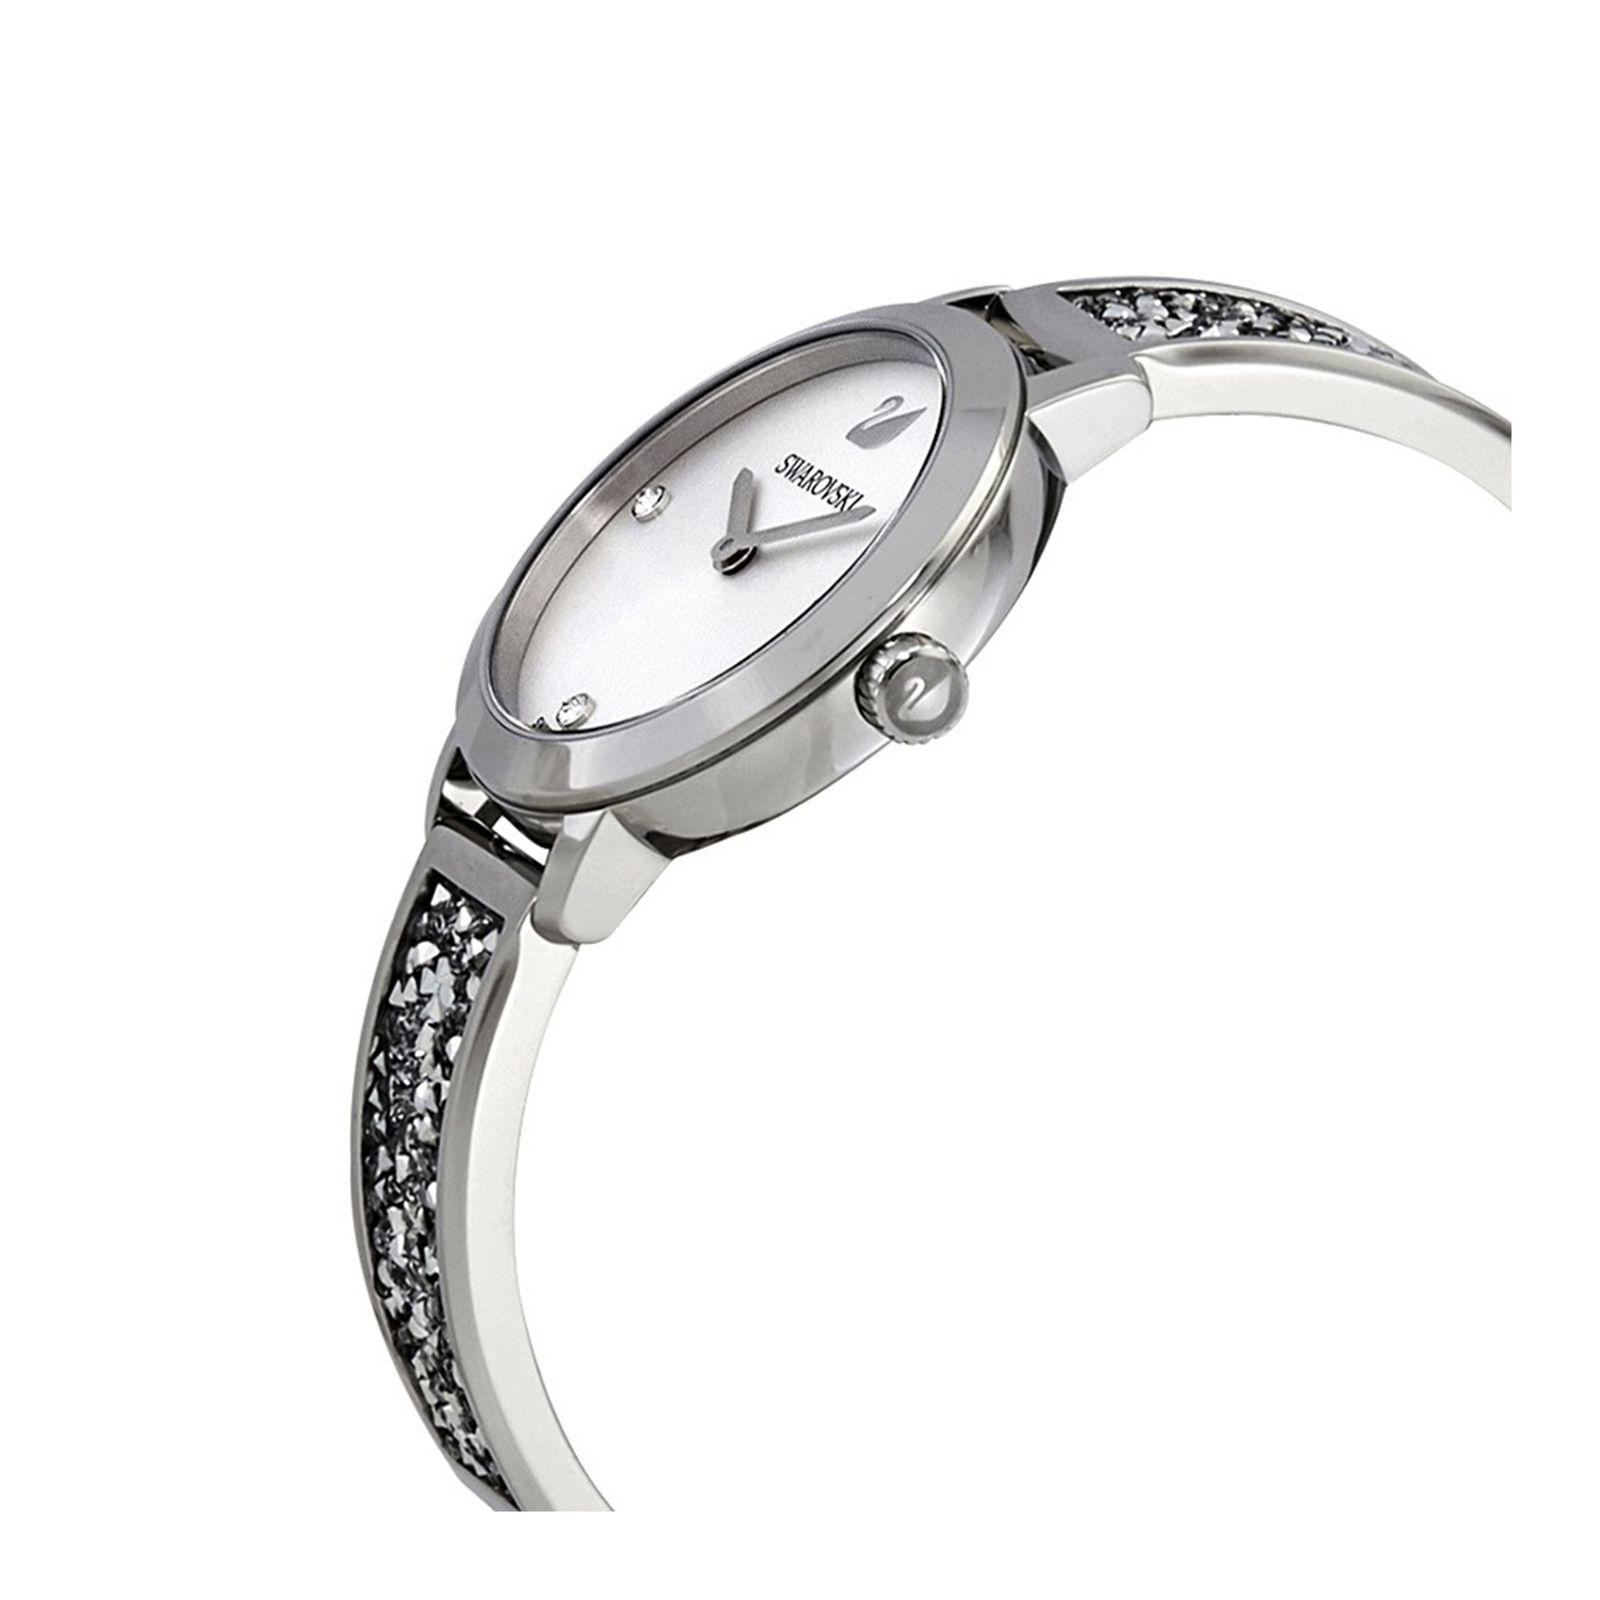 ساعت مچی عقربه ای زنانه سواروسکی مدل 5376080 -  - 4